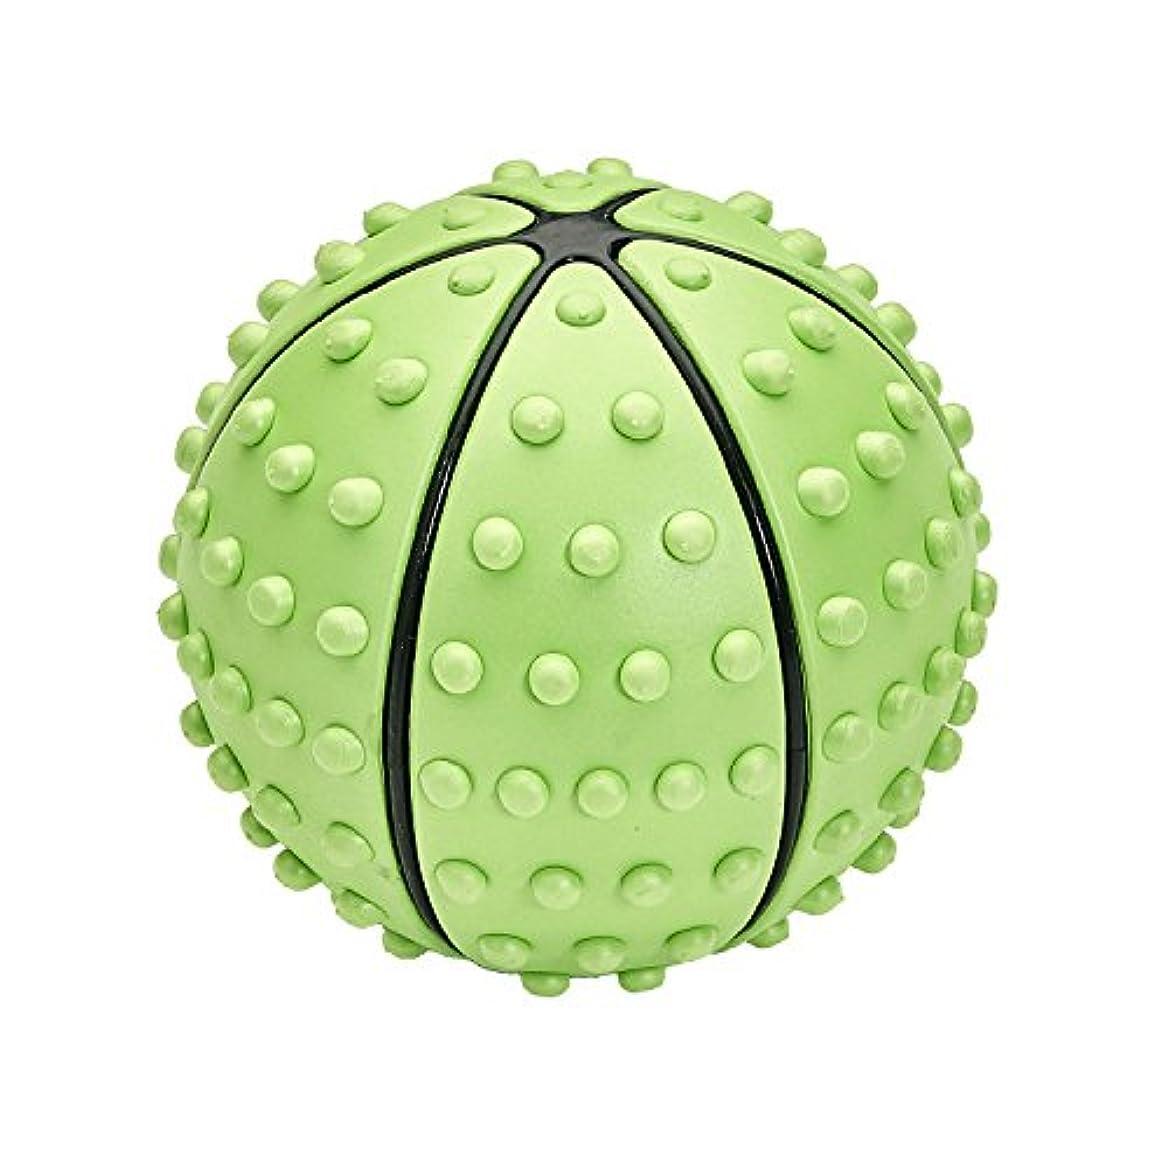 自分光沢のあるピークIRONMAN CLUB(鉄人倶楽部) 指圧 ストレッチ ボール KW-900 リフレッシュ トレーニング こりほぐし